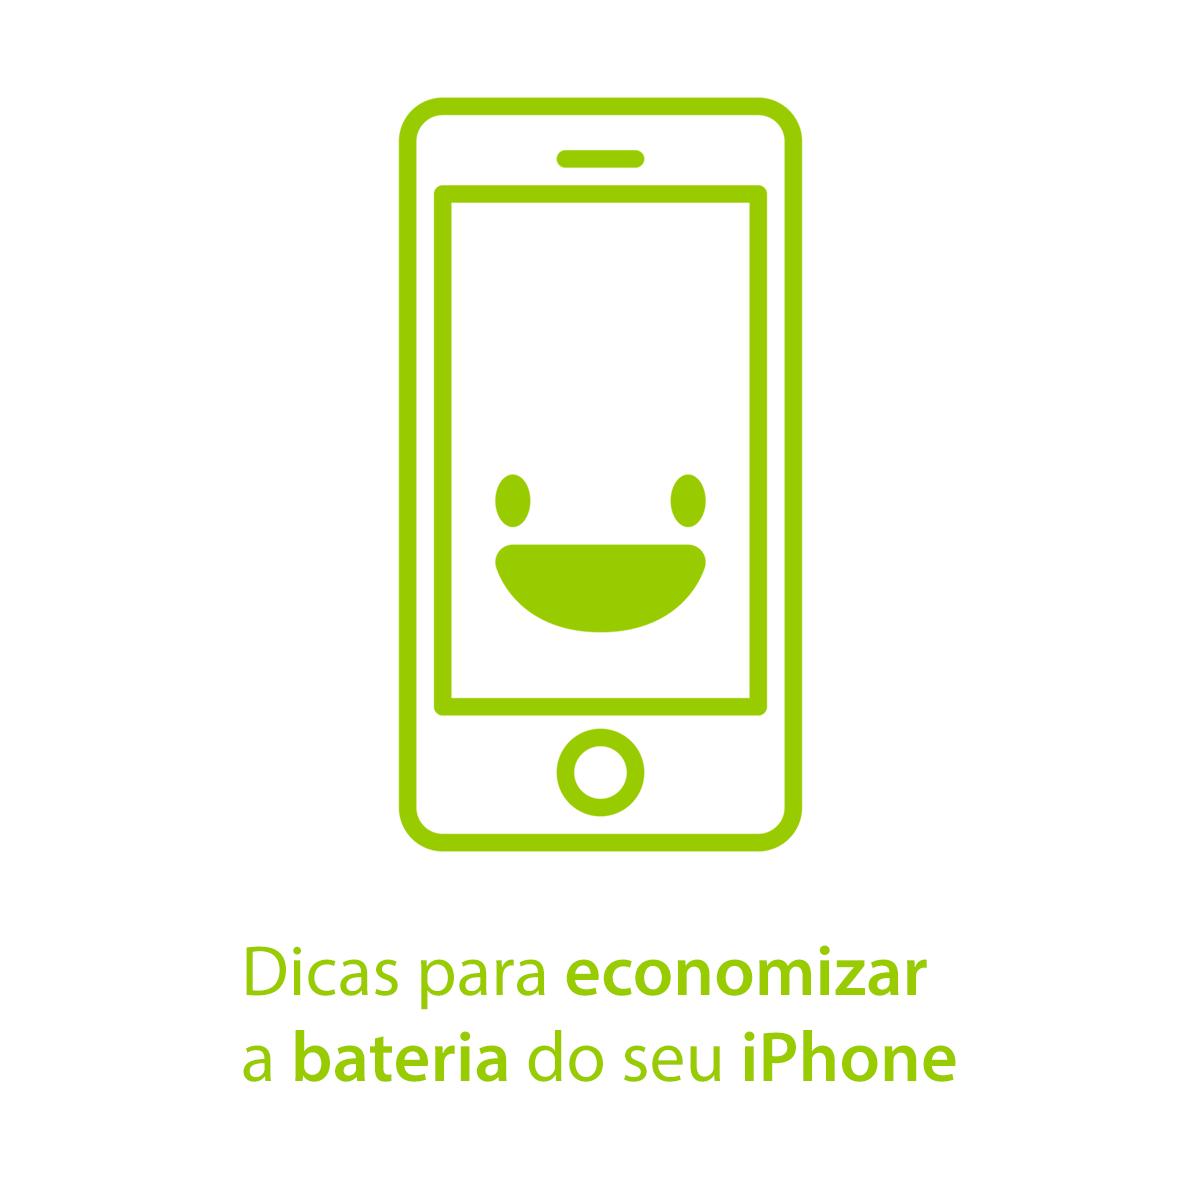 O Melhor Guia Para Economizar a Bateria do seu iOS – Parte 2: Dicas